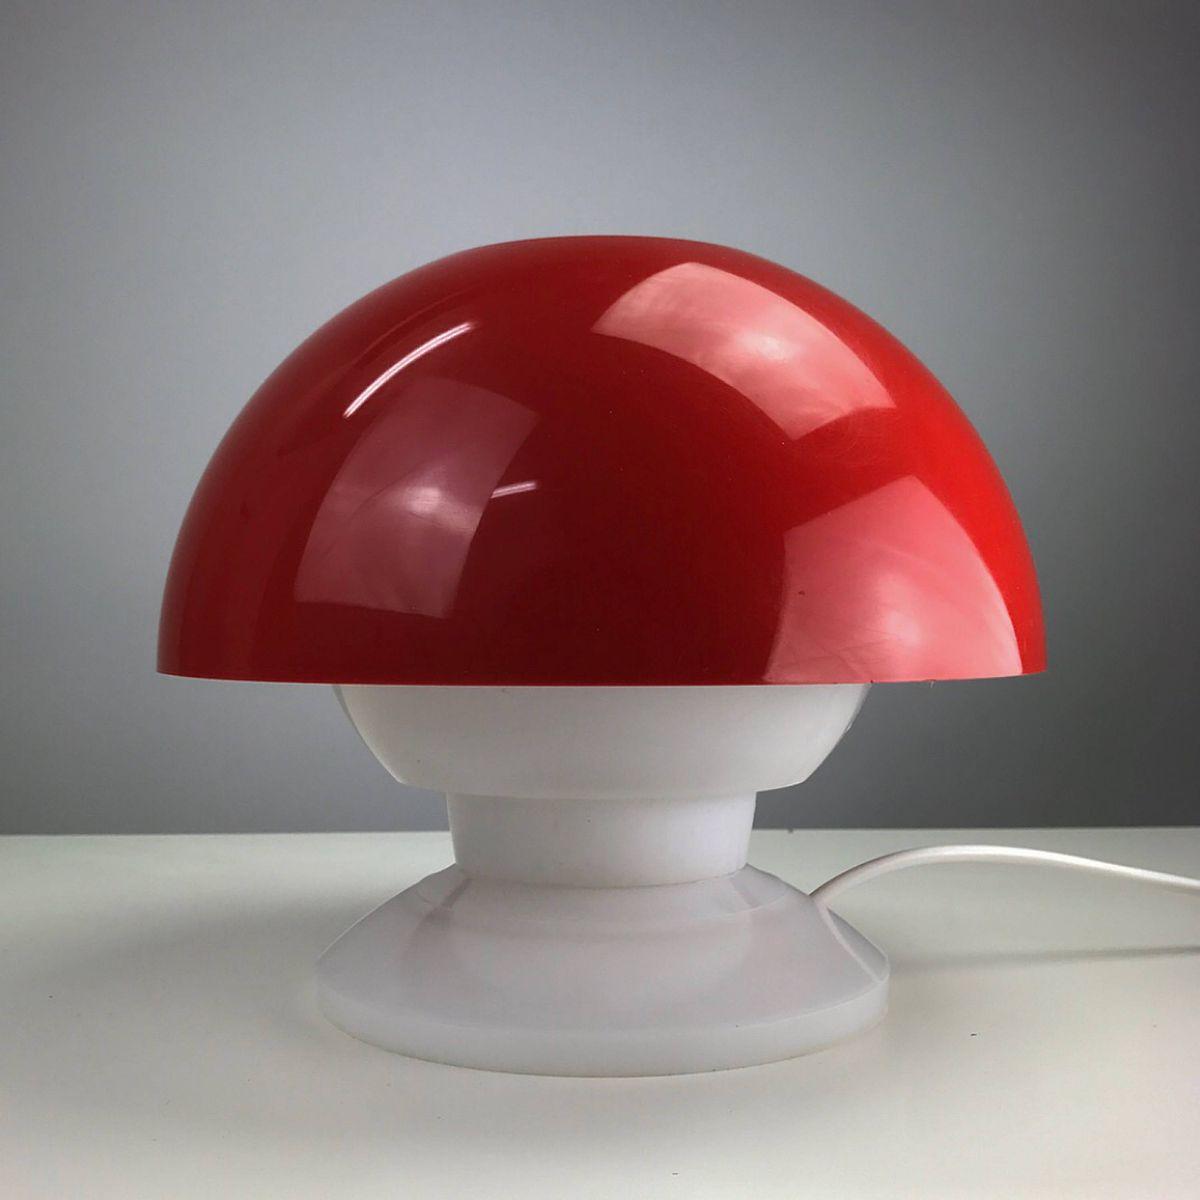 Space Age Tischlampe von Bent Karlby für ASK Denmark, 1970er